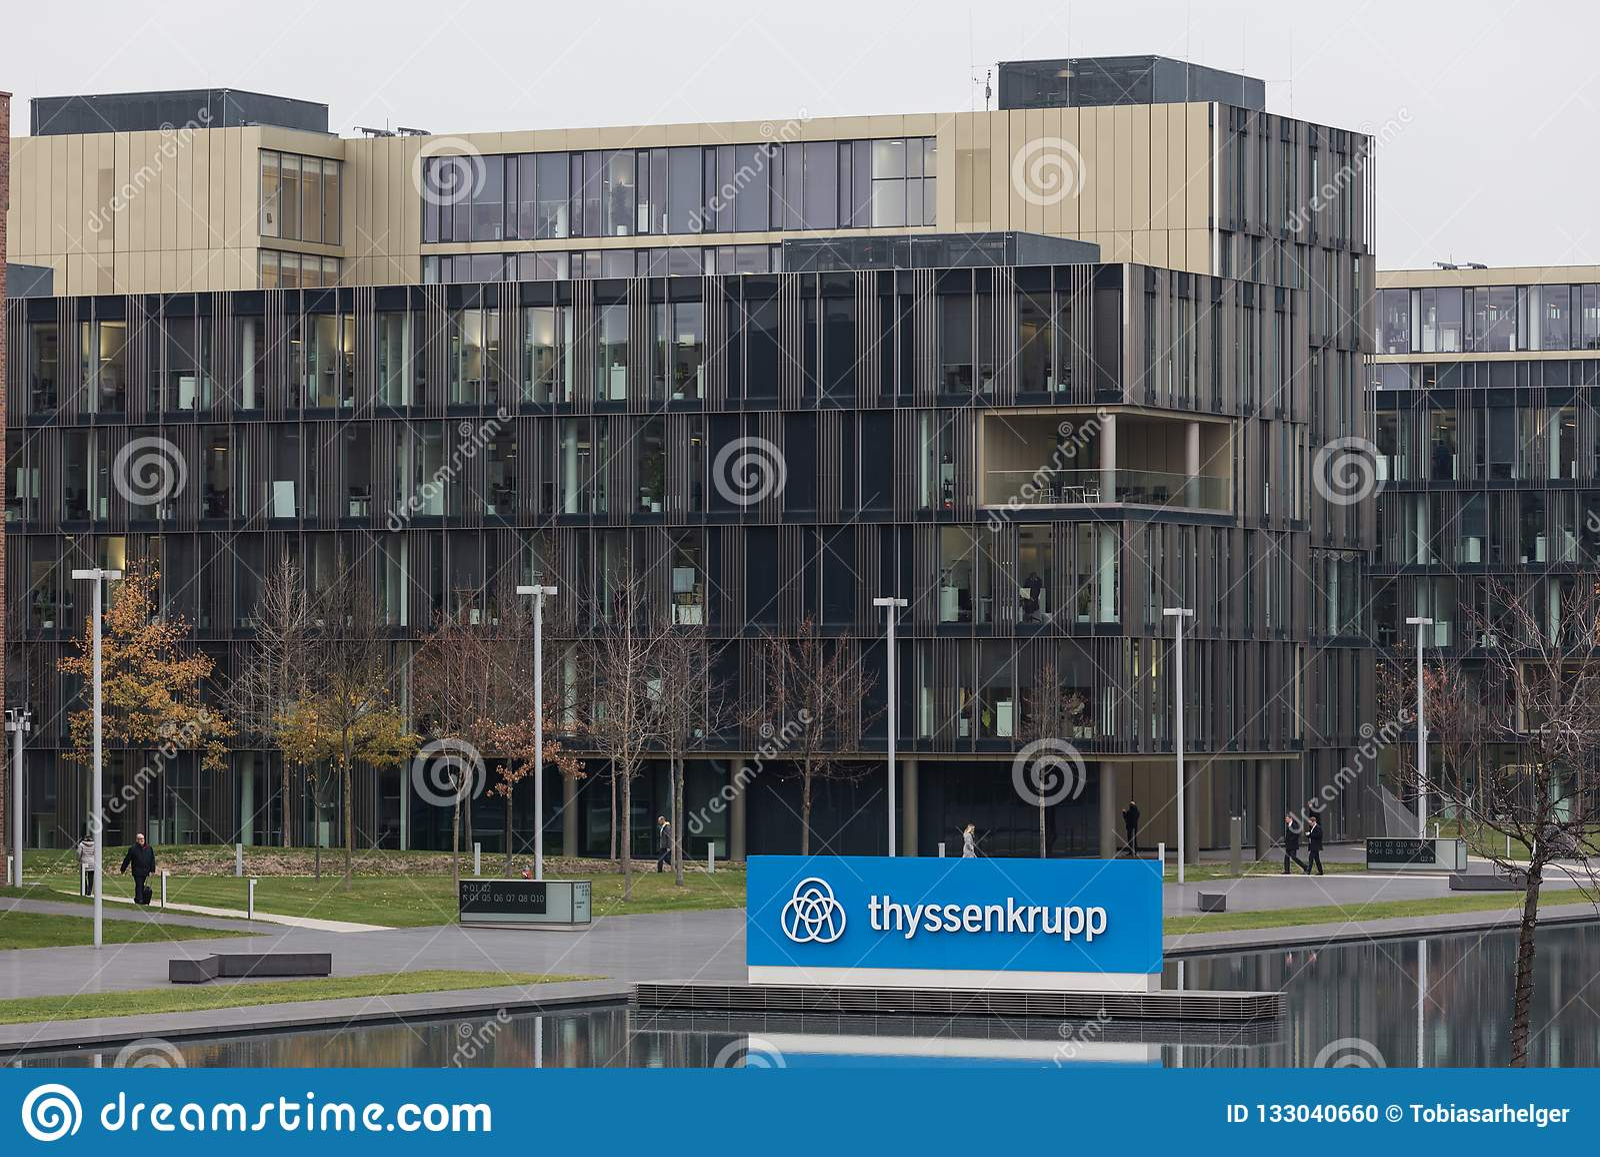 Essen, Rhénanie-du-Nord-Westphalie/Allemagne - 22 11 18 : sièges sociaux quartier de ThyssenKrupp à Essen Allemagne